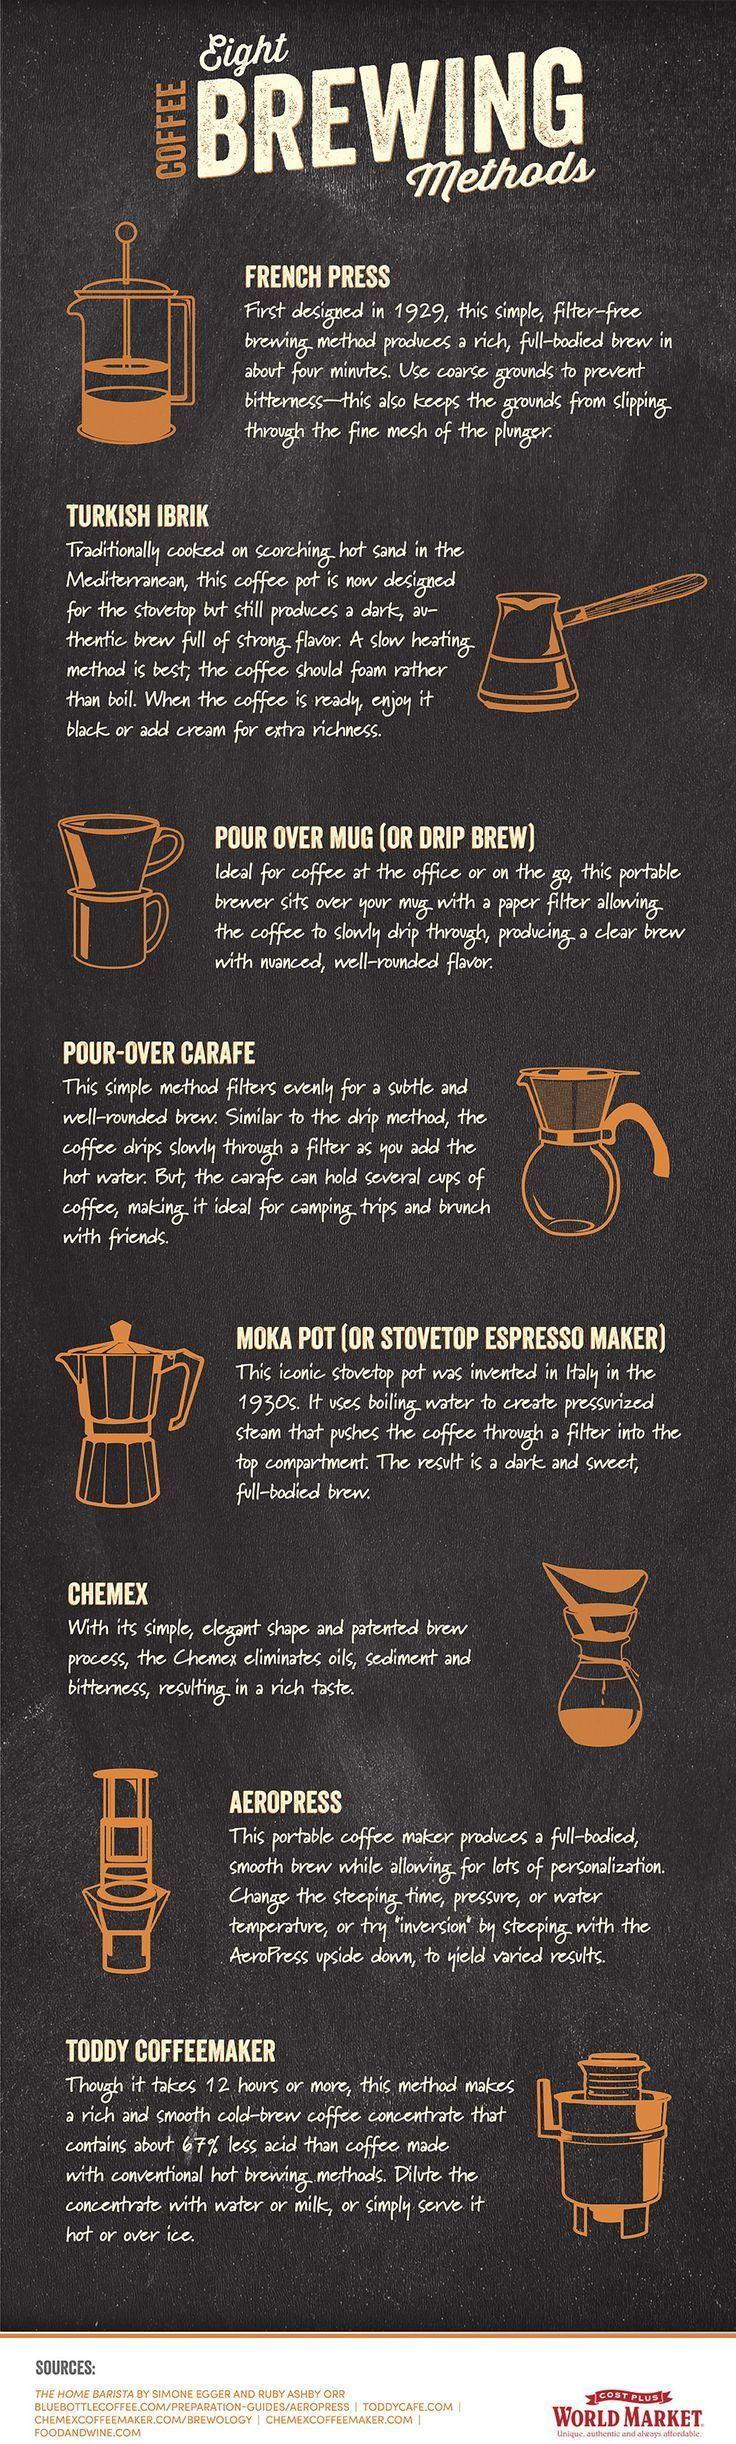 8 Coffee Brewing Methods Fantastic Beybeee Hearts 1532 Di 2020 Resep Kopi Pecinta Kopi Resep Minuman